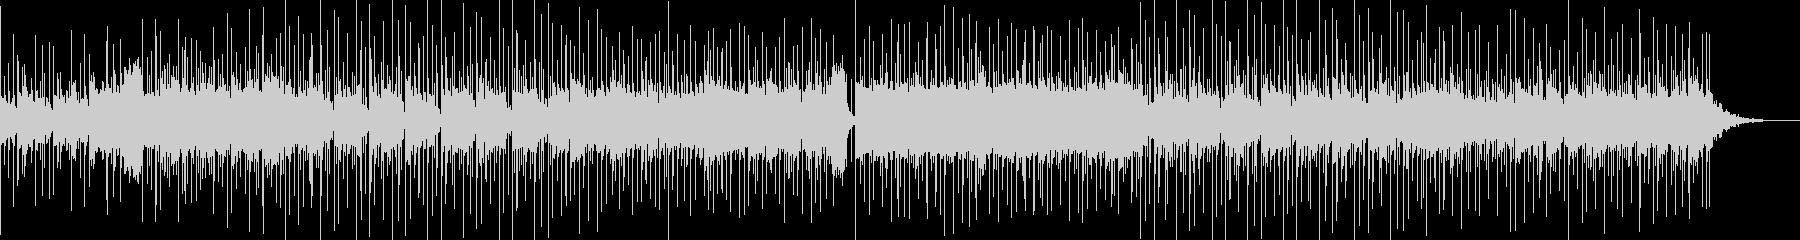 ほのぼのするメロディと印象的なリズムの曲の未再生の波形